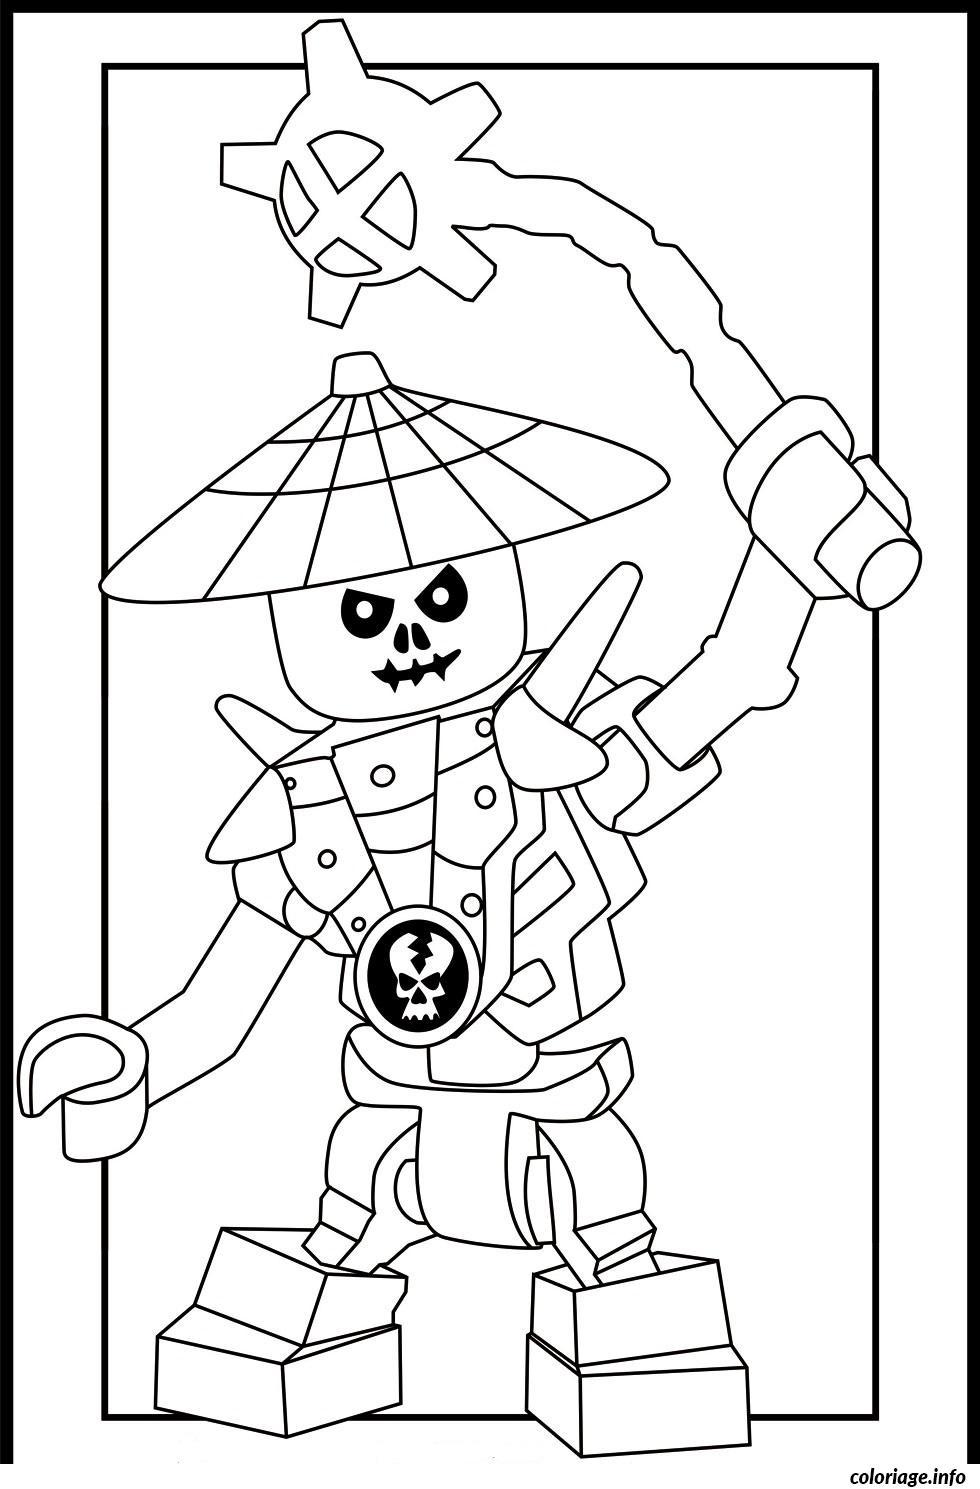 Coloriage dessin lego 93 dessin - Lego coloriage ...